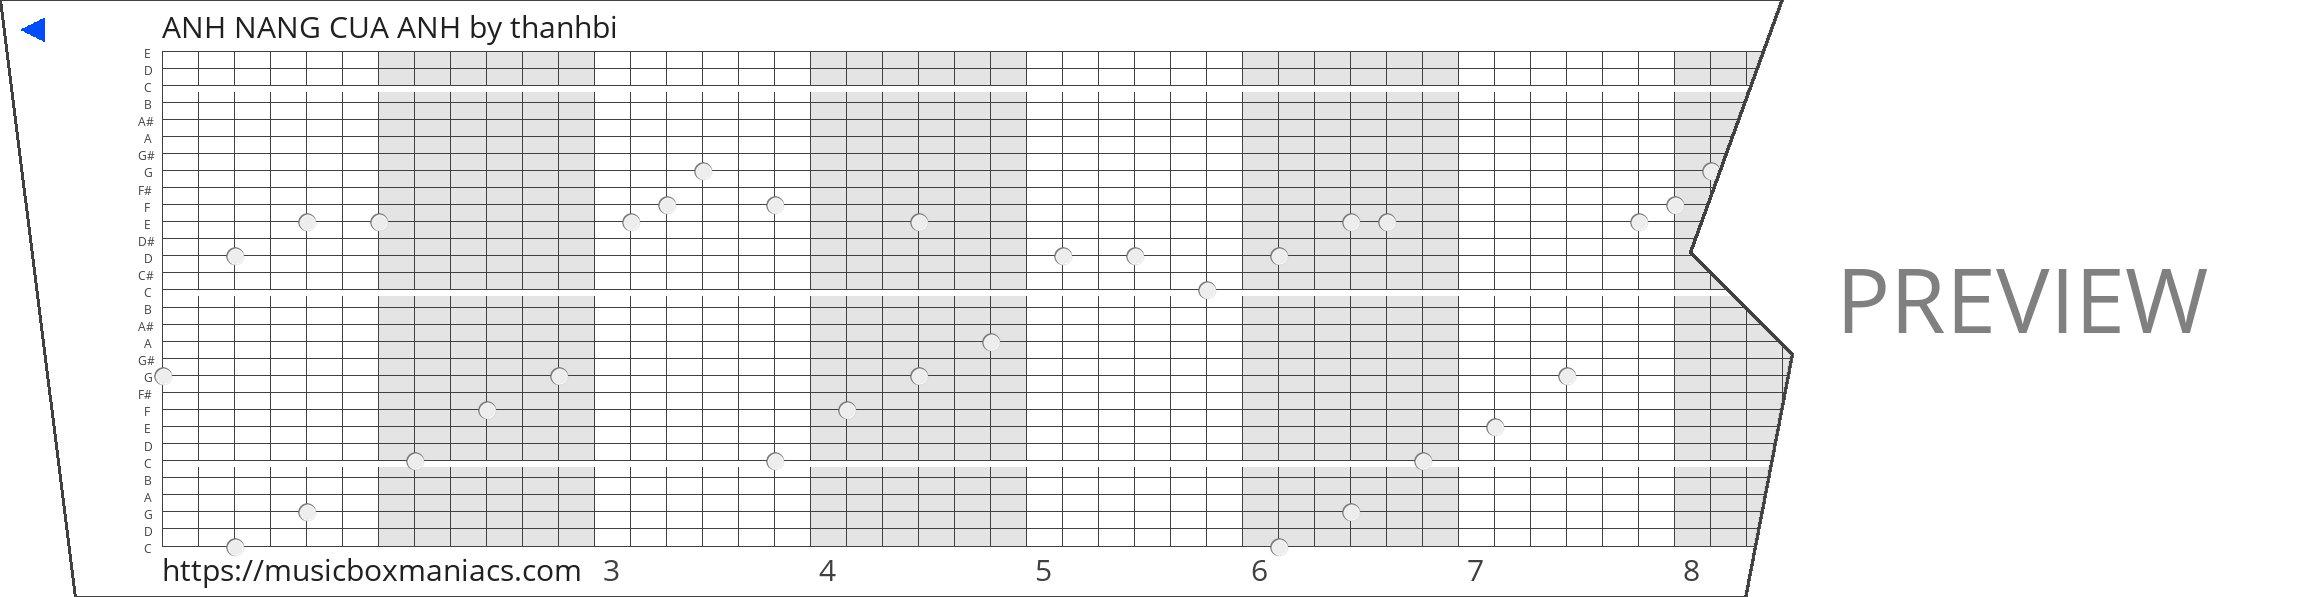 ANH NANG CUA ANH 30 note music box paper strip